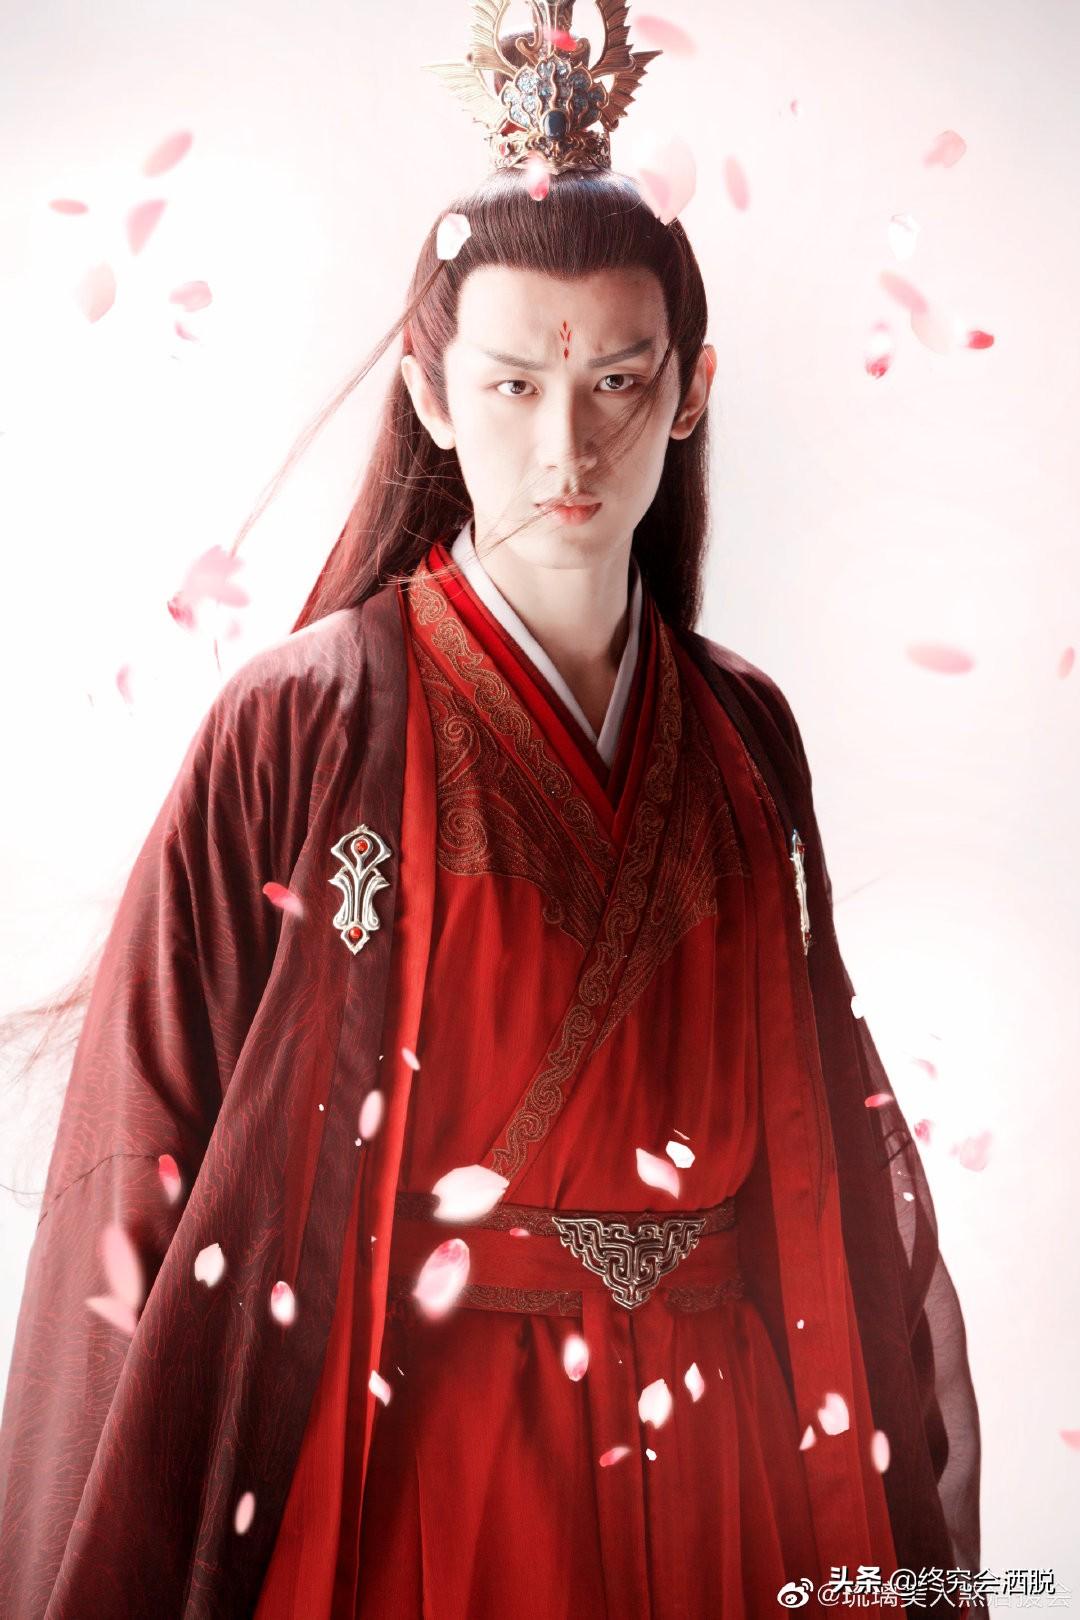 琉璃:成毅的司凤、袁冰妍的璇玑、白澍的腾蛇、侯梦瑶的紫狐,妙